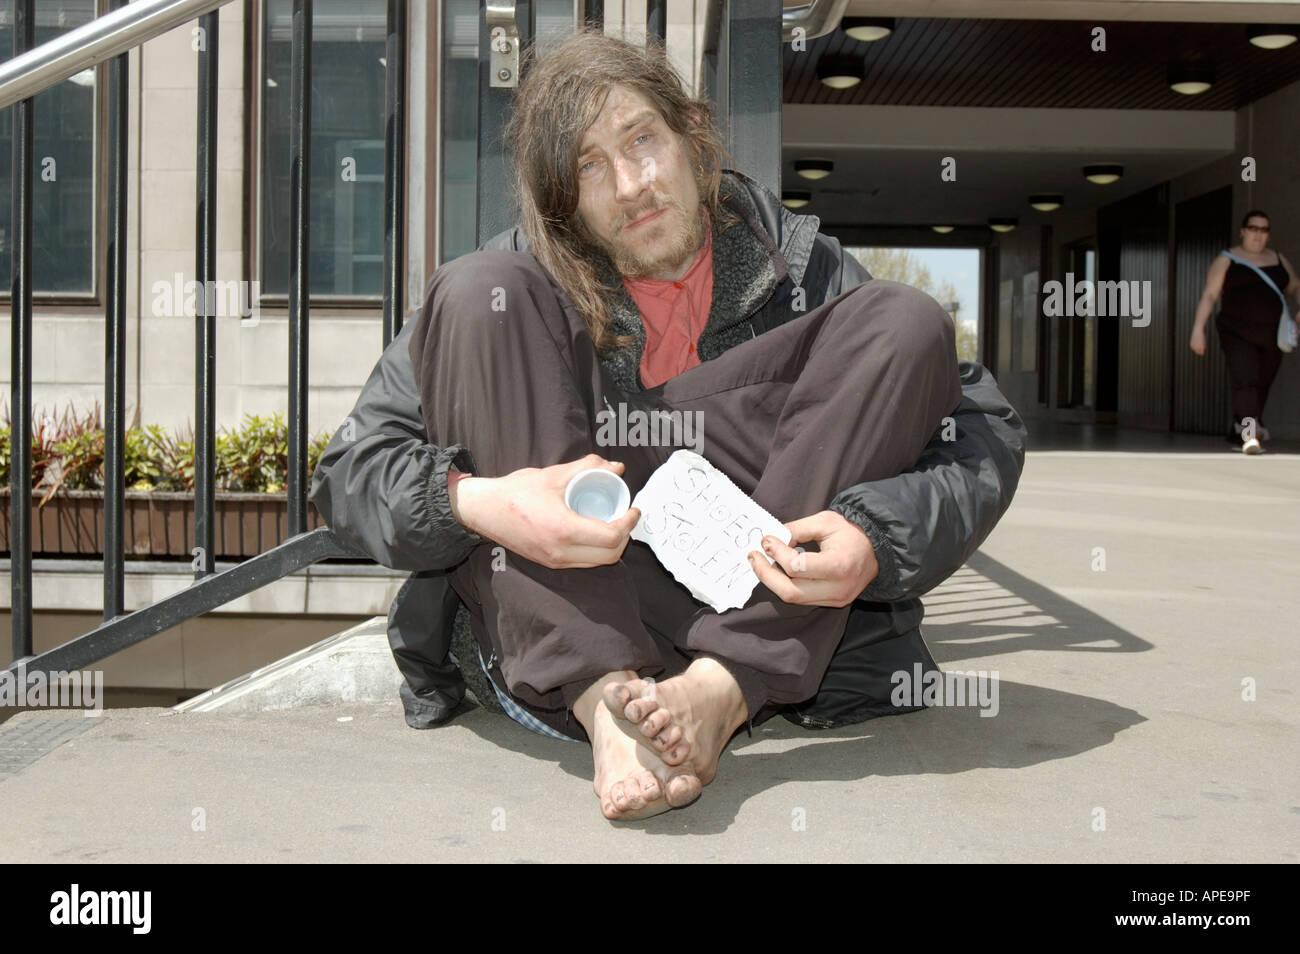 Beggar in  London - Stock Image